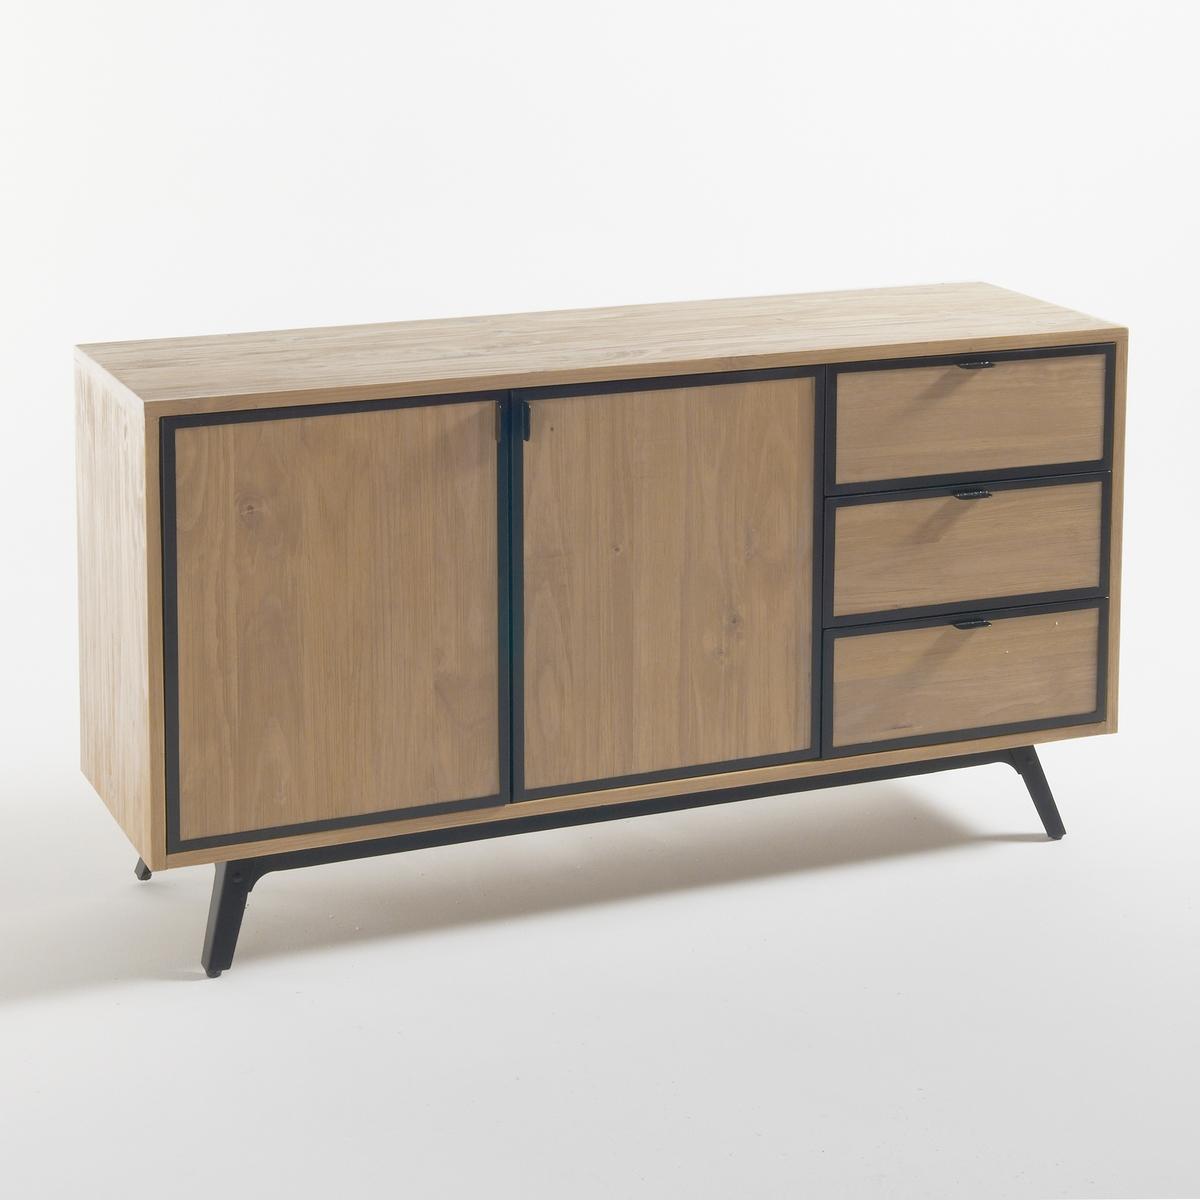 Шкаф-буфет LaRedoute С 2 дверцами и 3 ящиками Daffo единый размер каштановый